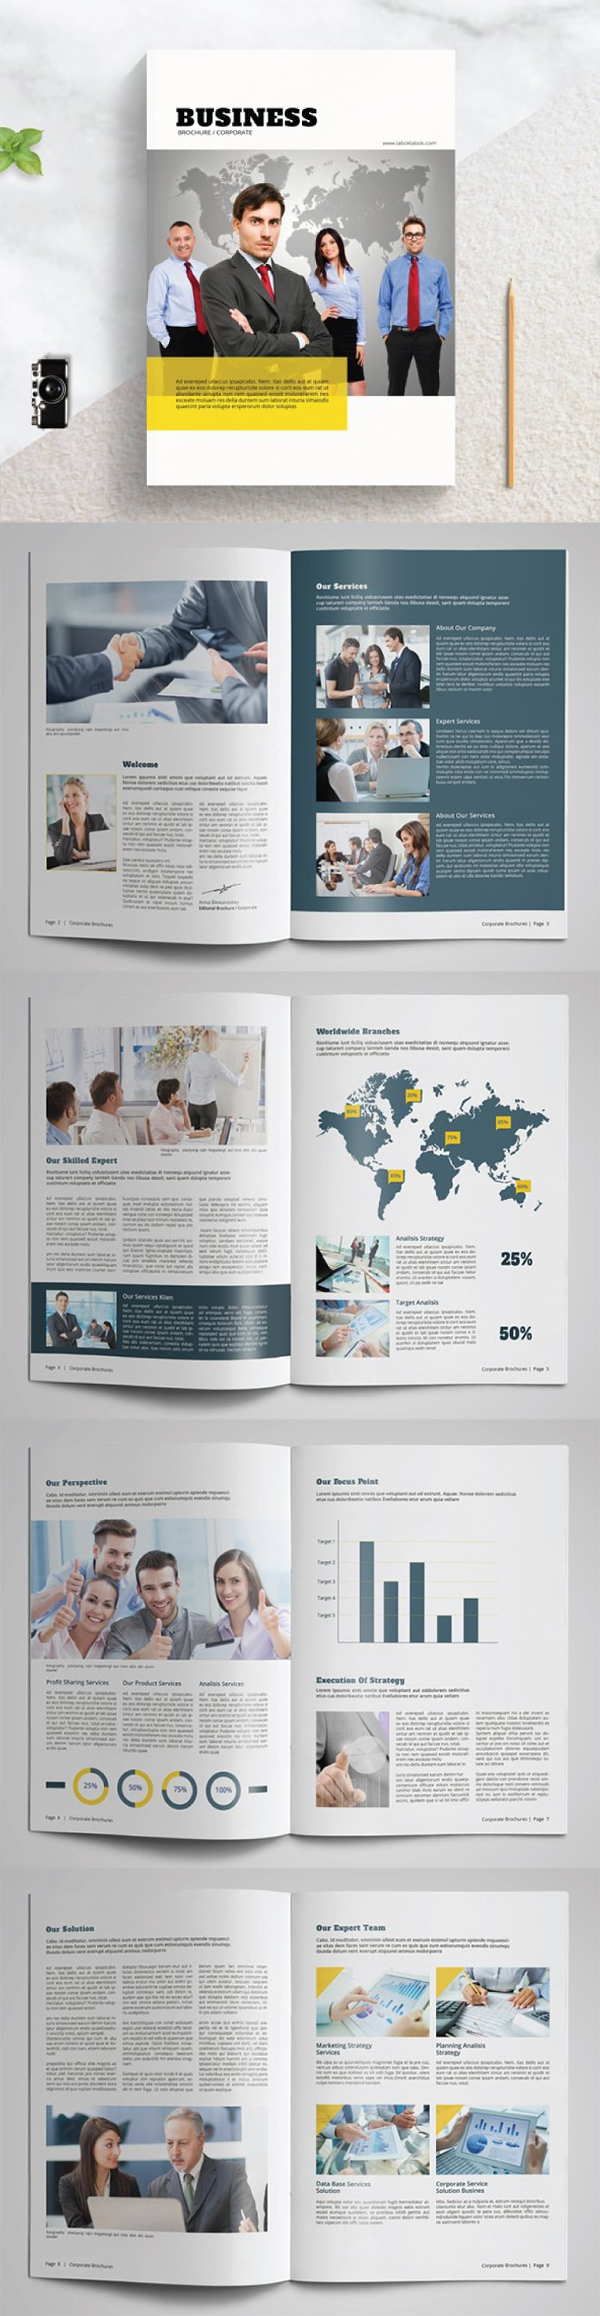 Business Brochure / Corporate